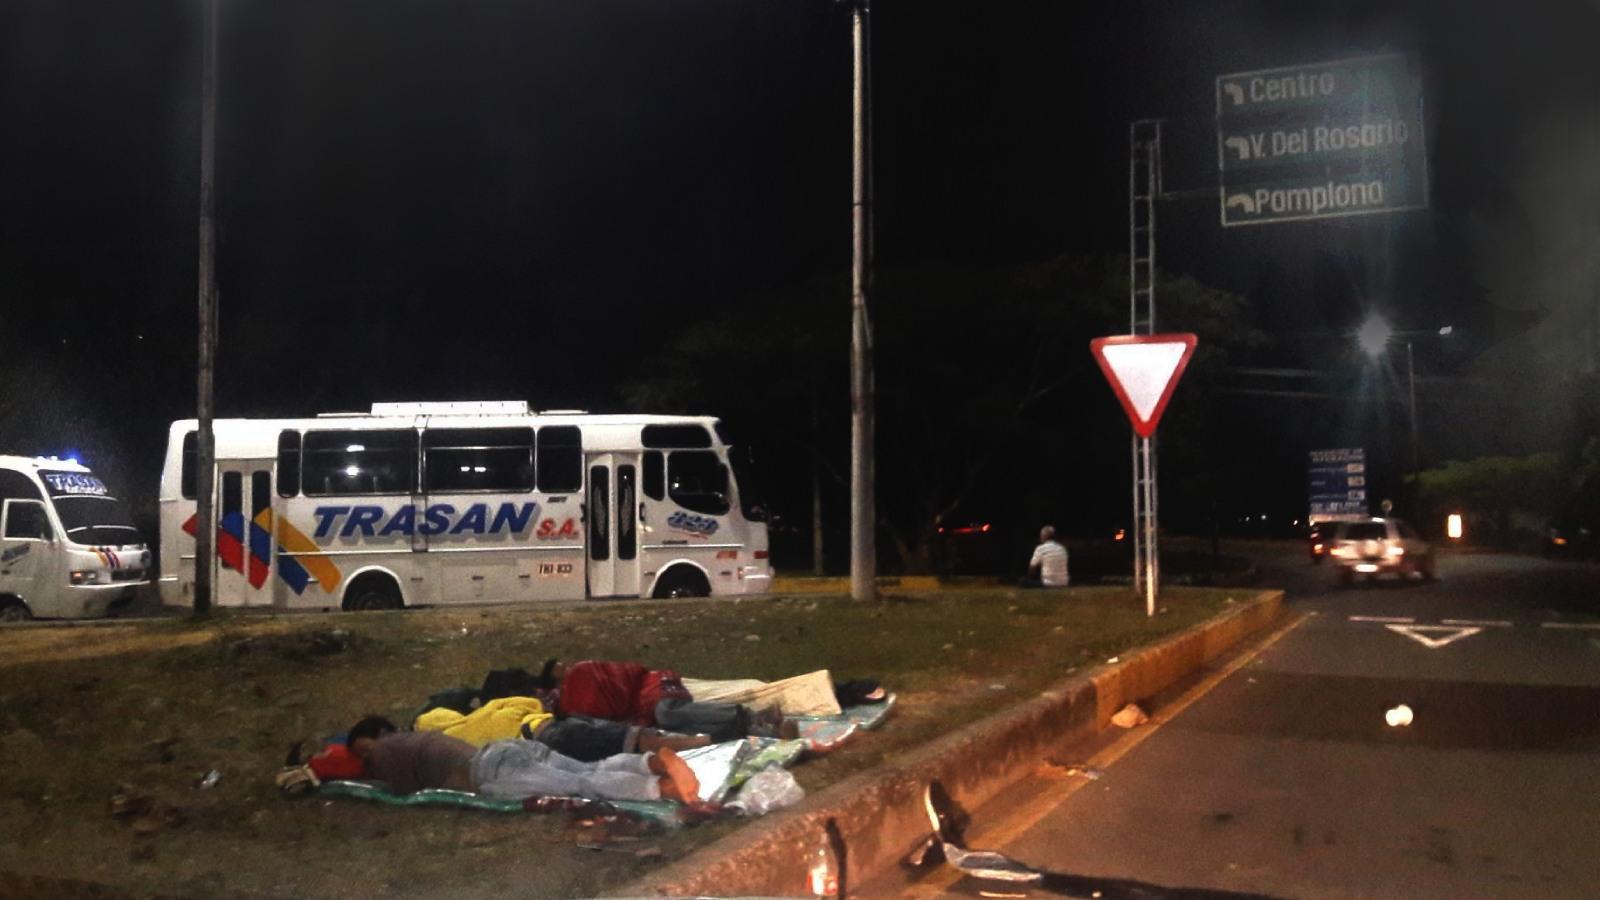 Atascados y olvidados, el drama de los venezolanos que no pueden cruzar la frontera